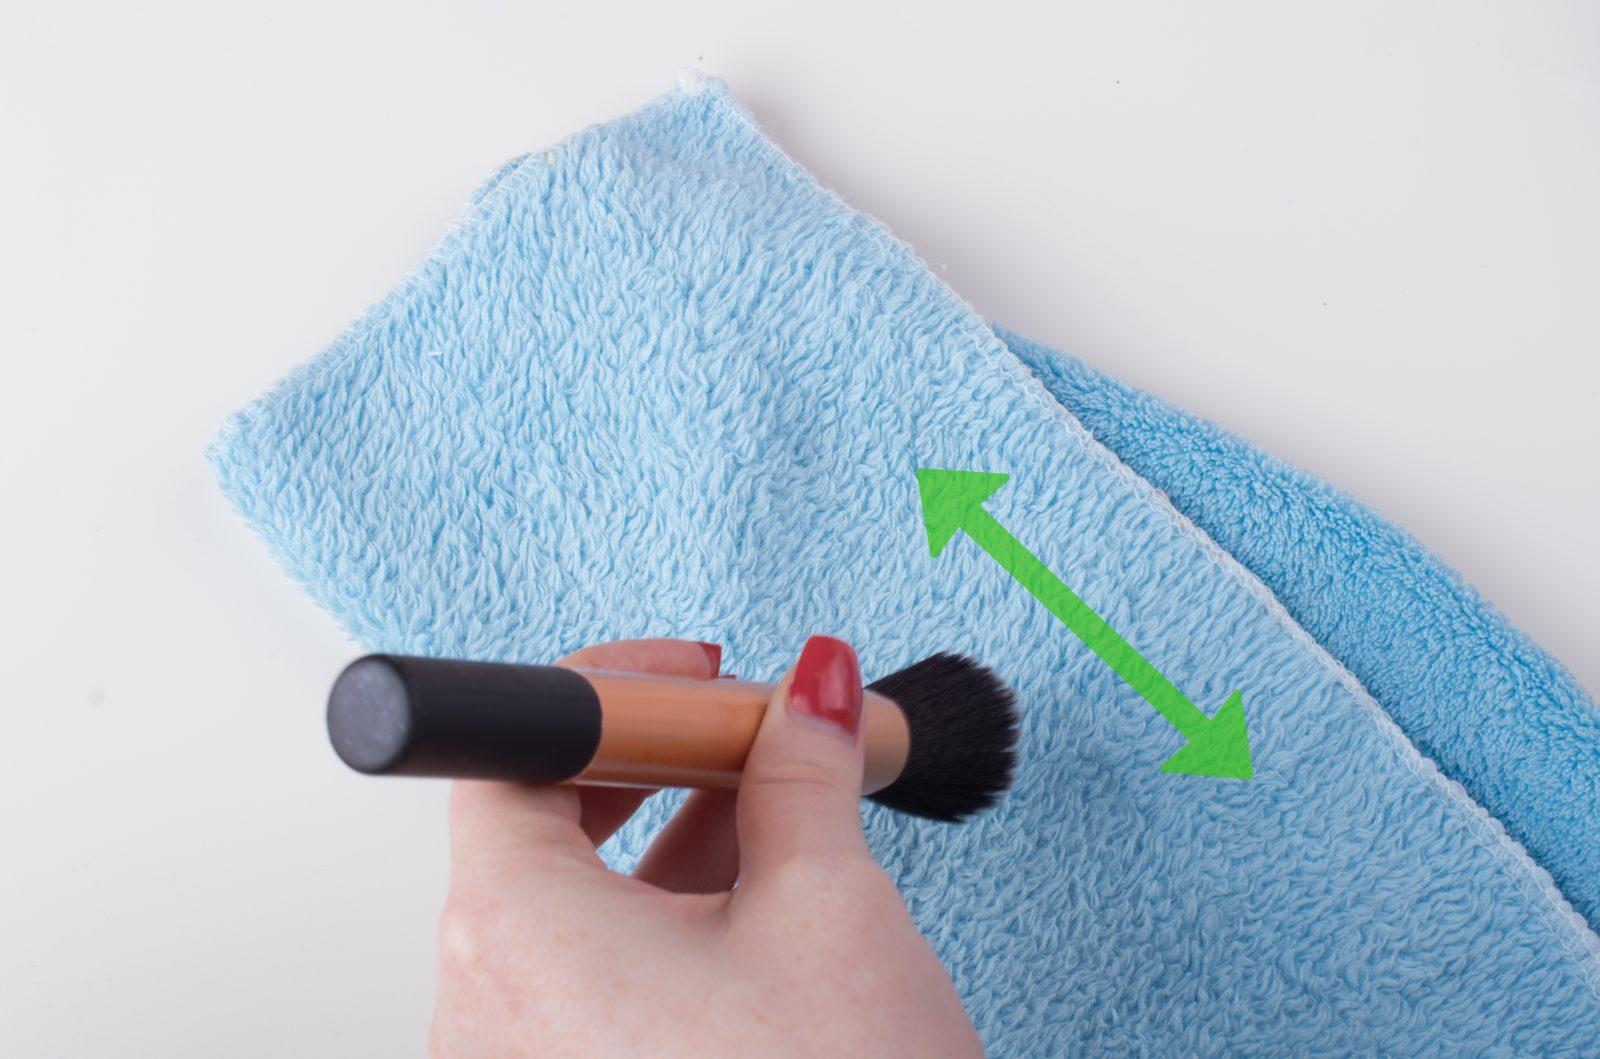 cách rửa cọ trang điểm đúng chuẩn